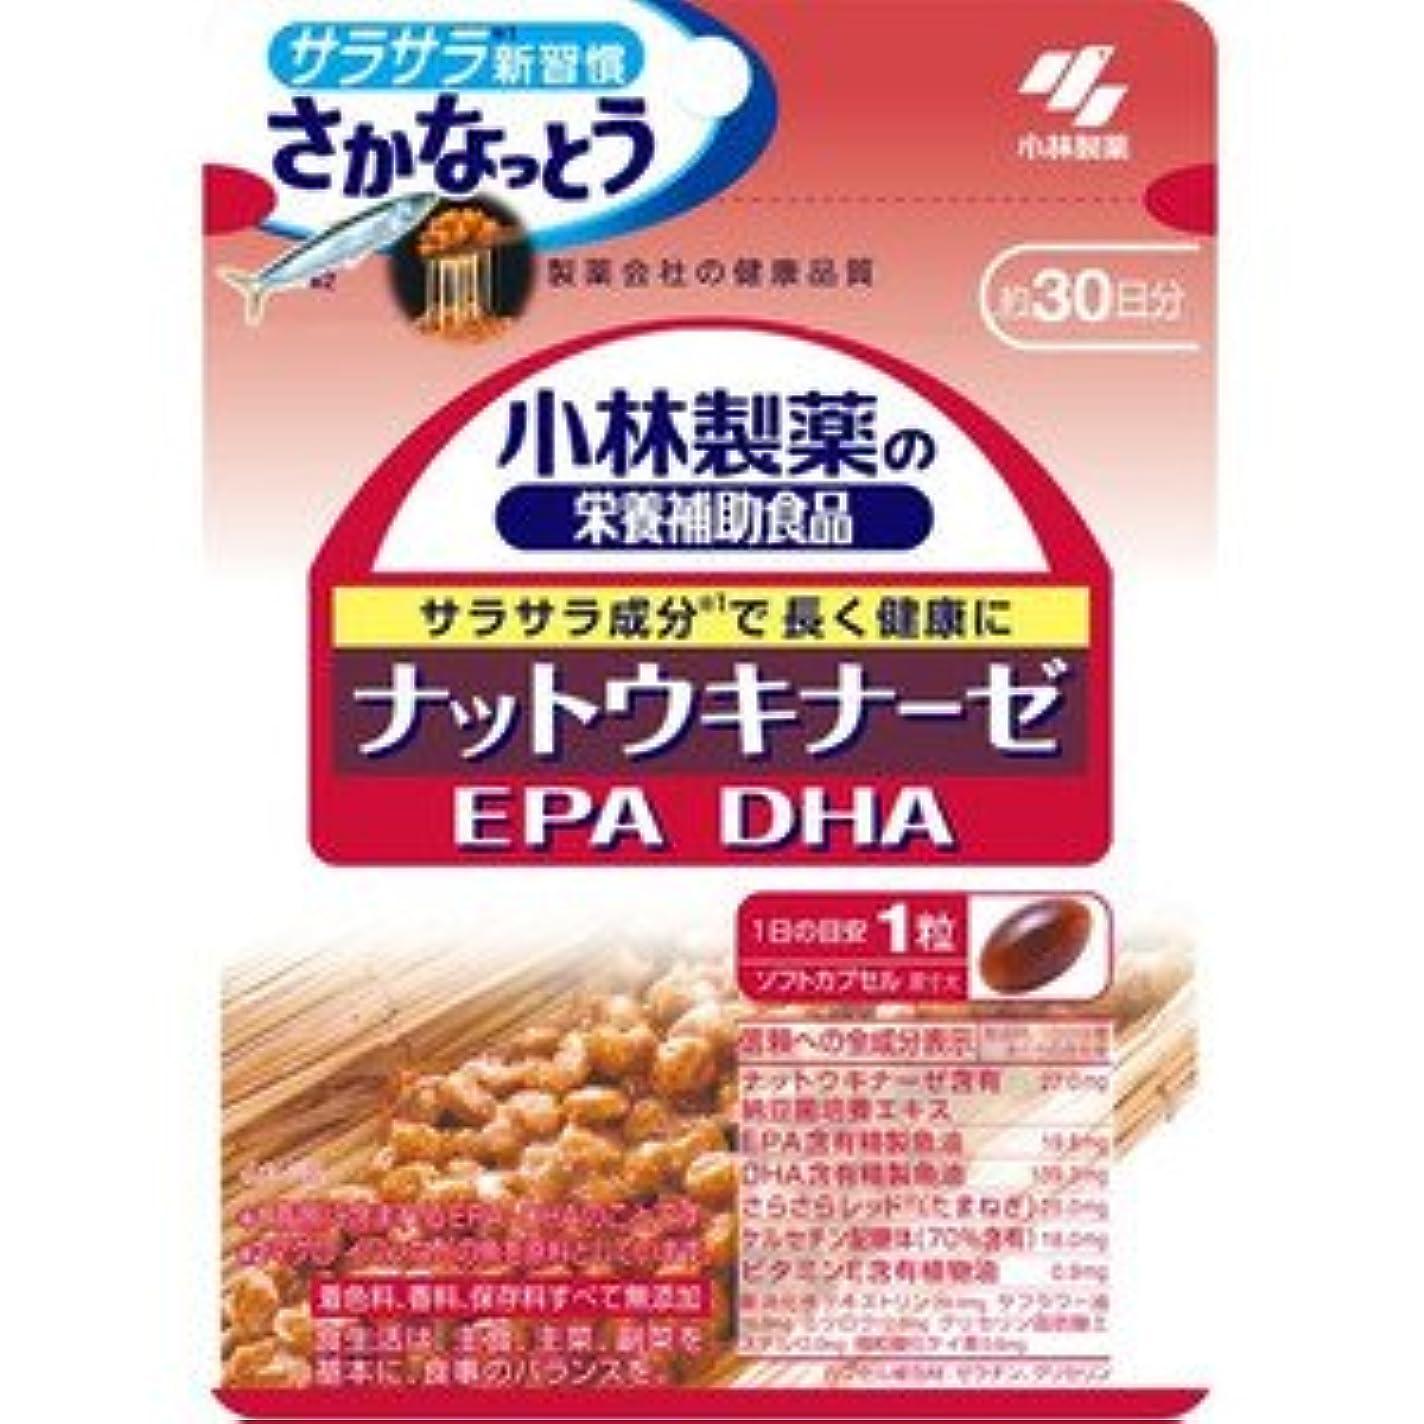 置くためにパック露骨な防腐剤【小林製薬】ナットウキナーゼ (EPA/DHA) 30粒(お買い得3個セット)